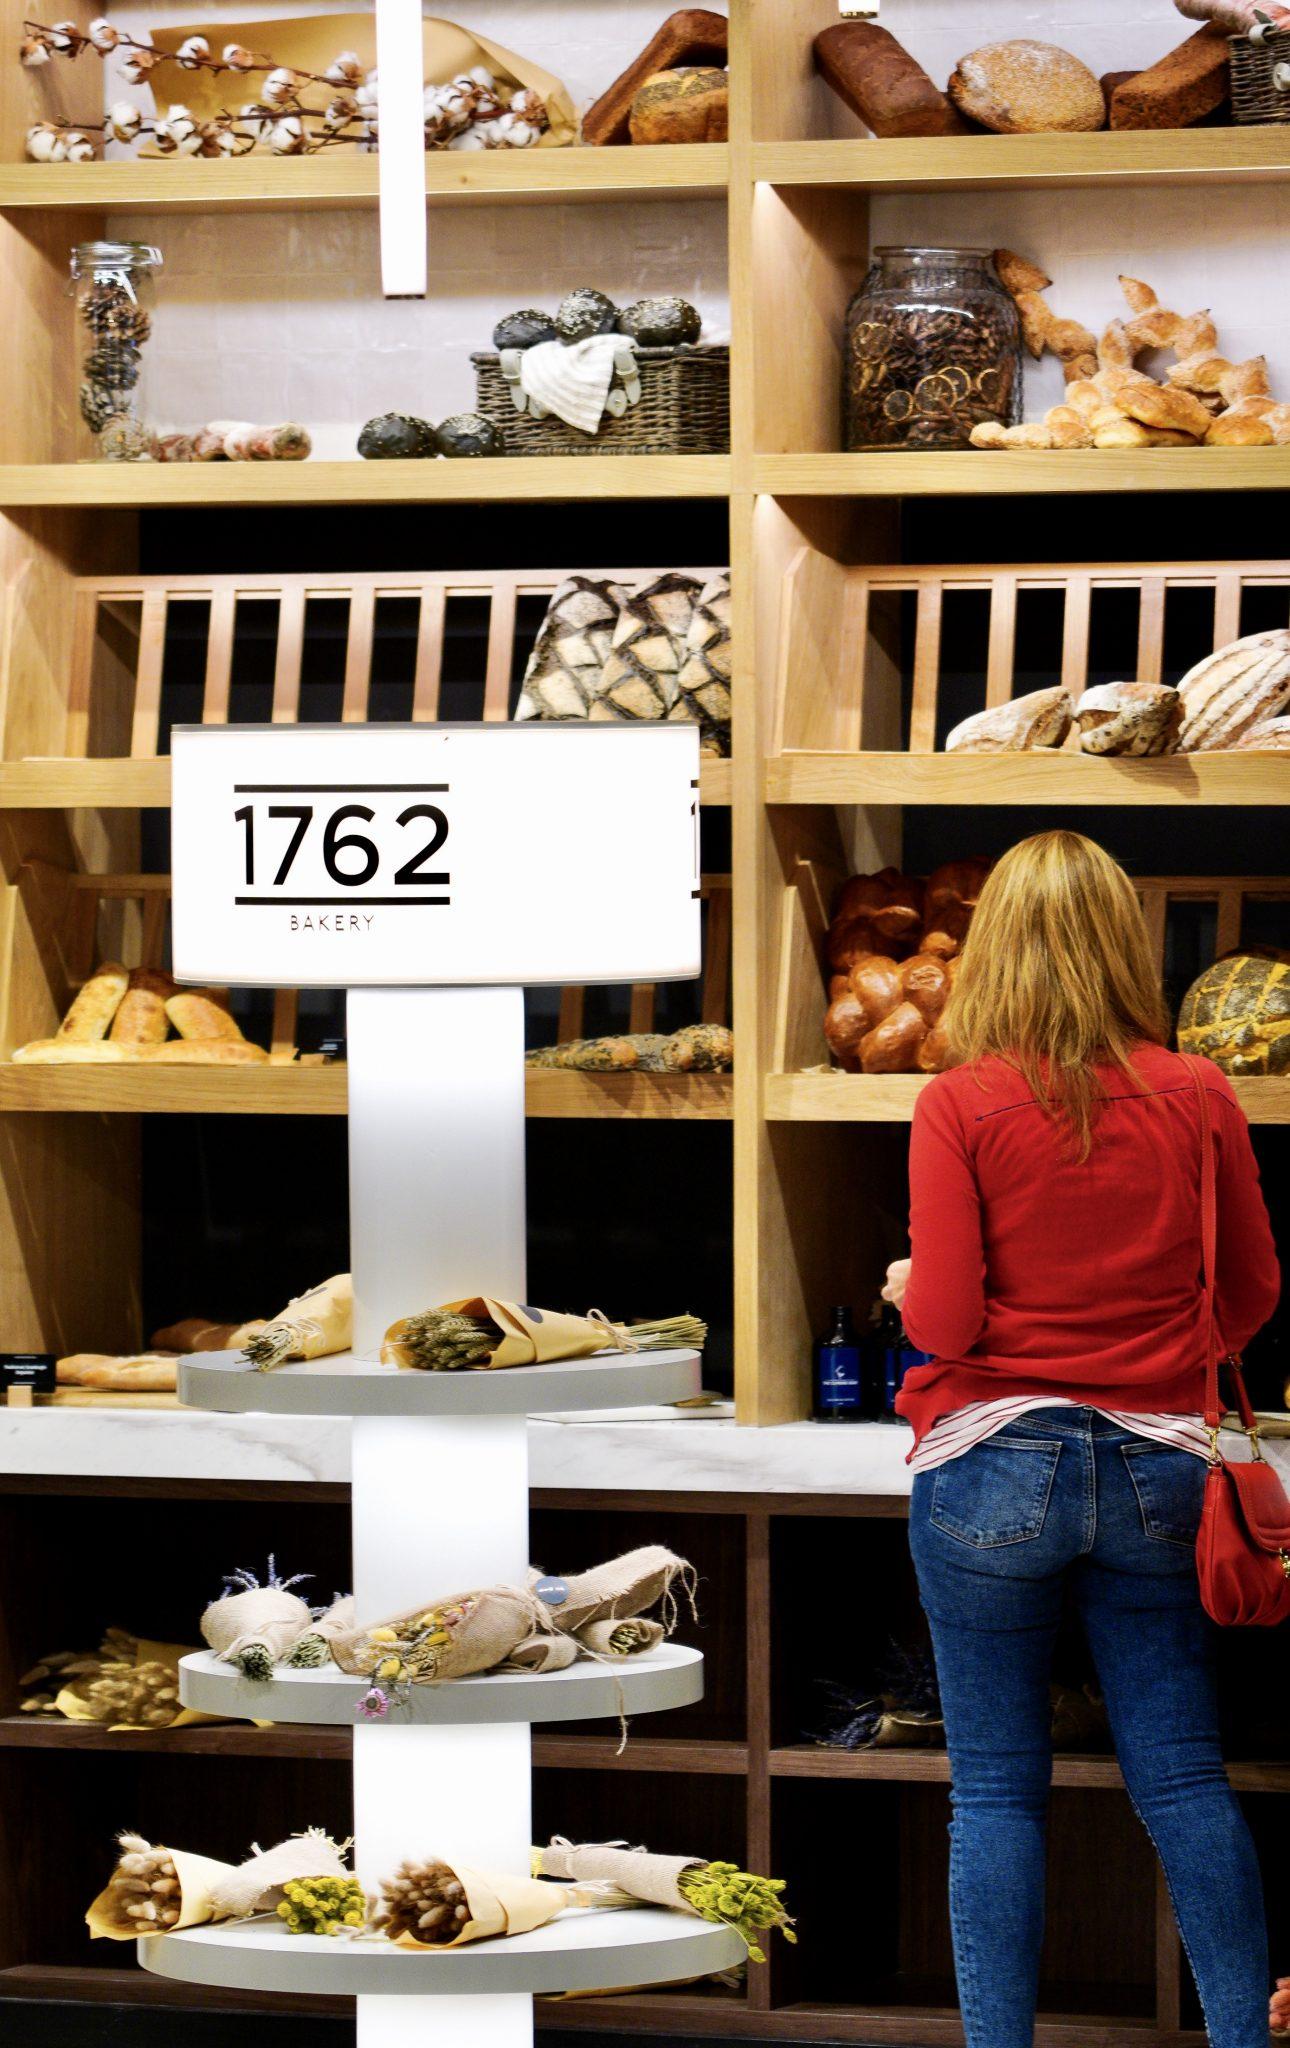 ردهة الطعام ديباتشيكا في نخيل مول